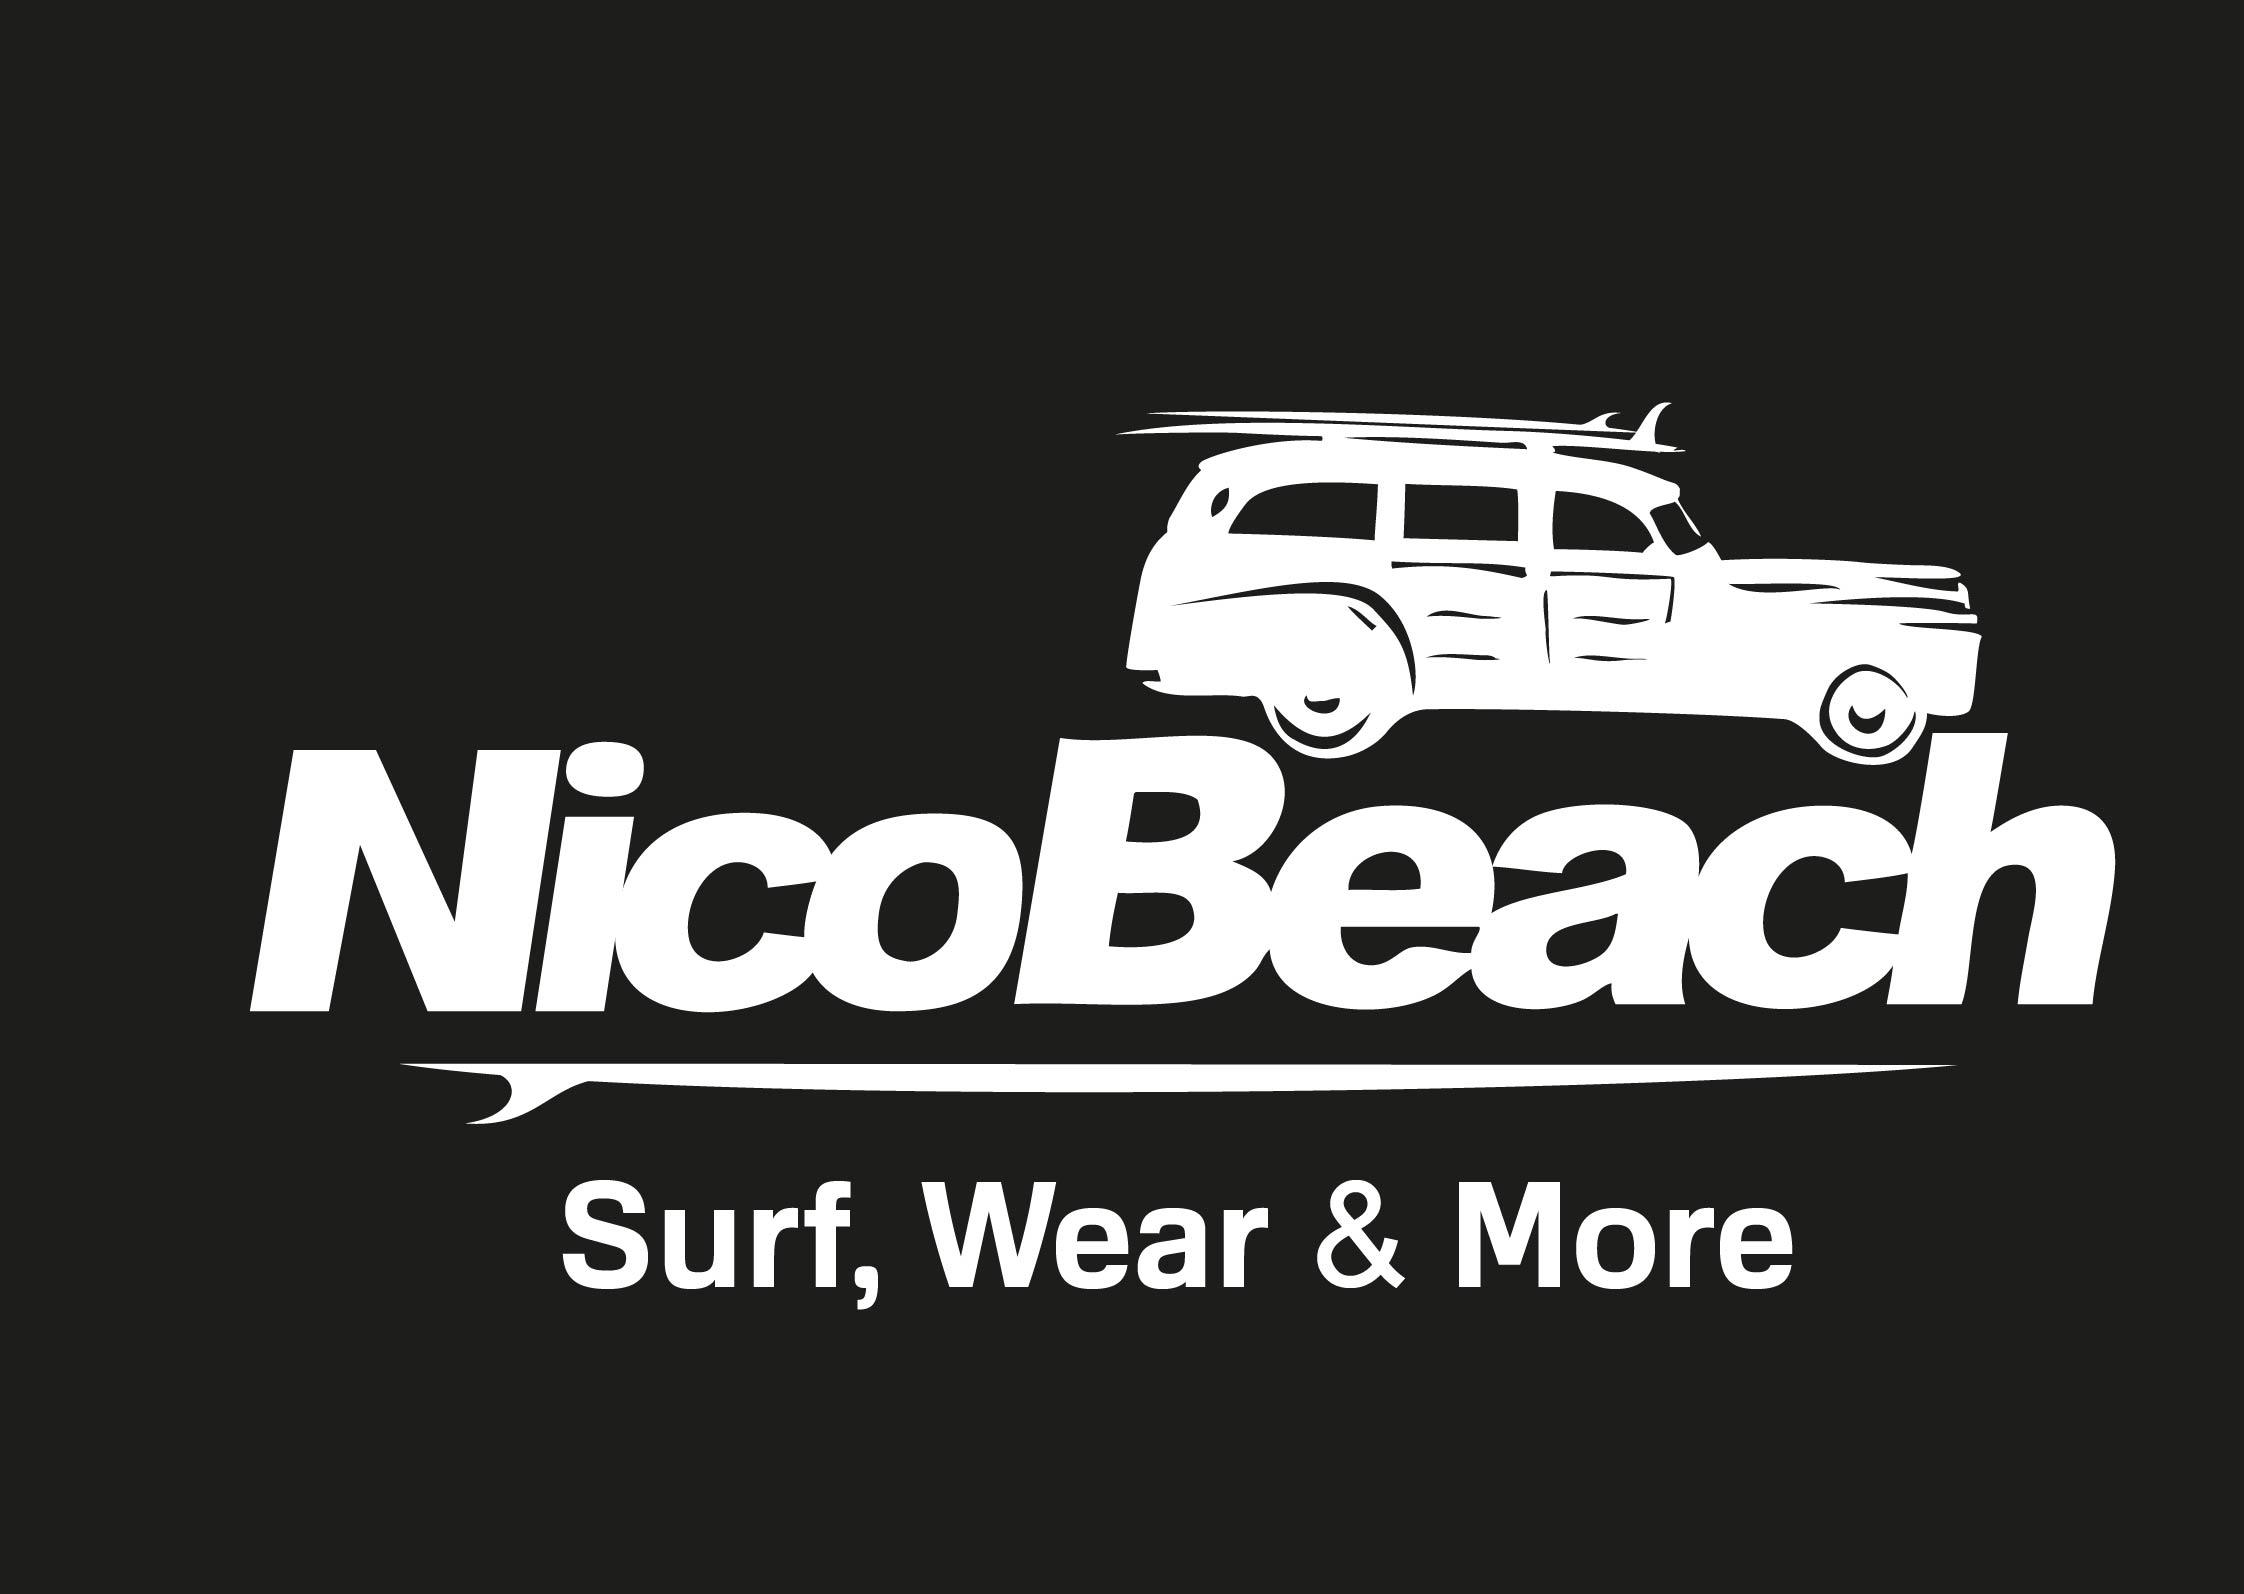 Nico_Beach_logo